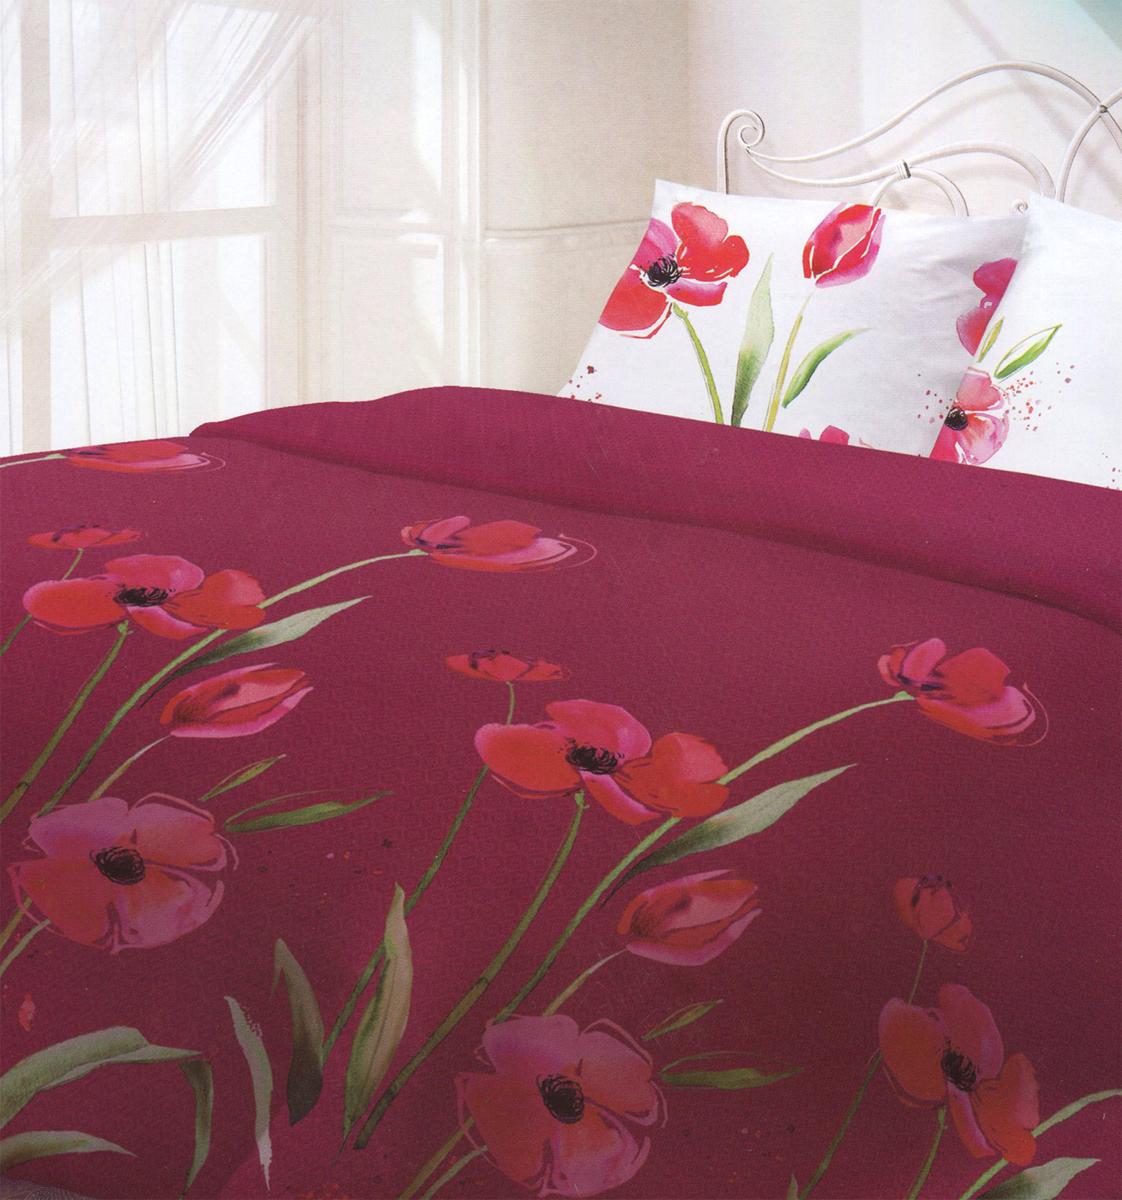 Комплект белья Гармония Маки, 2-спальный, наволочки 50x70, цвет: бордовый, белый, розовый190822Комплект постельного белья Гармония Маки является экологически безопасным для всей семьи, так как выполнен из поплина (натурального хлопка). Комплект состоит из пододеяльника, простыни и двух наволочек. Постельное белье оформлено оригинальным рисунком и имеет изысканный внешний вид. Гармония производится из поплина - 100% хлопковой ткани. Поплин мягкий и приятный на ощупь. Кроме того, эта ткань не требует особого ухода, легко стирается и прекрасно держит форму. Высококачественные красители, которые используются при производстве постельного белья, экологичны и сохраняют свой цвет даже после многочисленных стирок. Благодаря высокому качеству ткани и европейским стандартам пошива постельное белье Гармония будет радовать вас долгие годы!